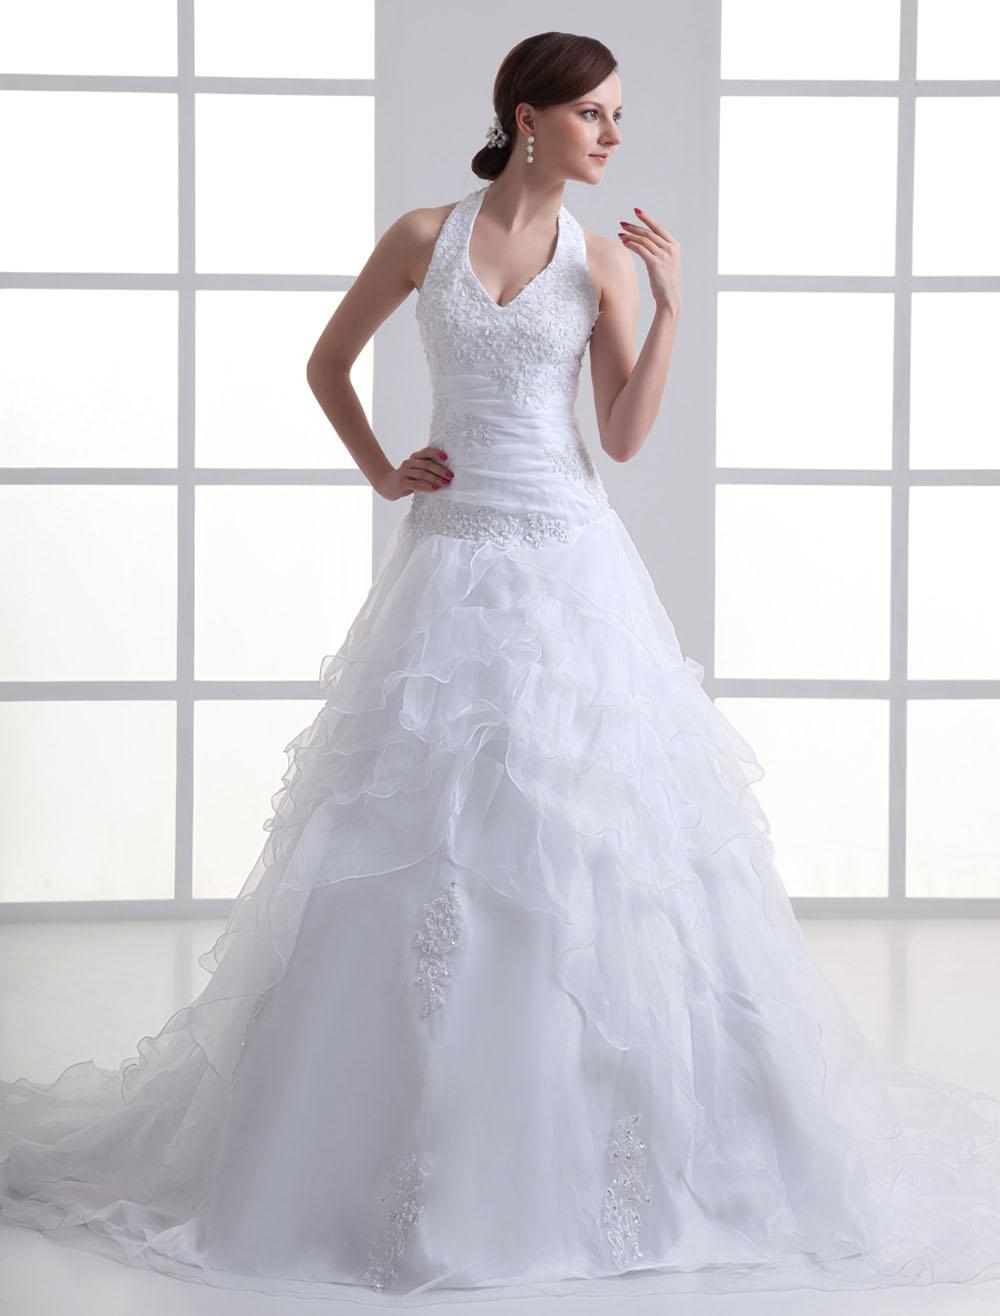 Brautkleid aus Organza mit Court-Schleppe in Weiß - Milanoo.com